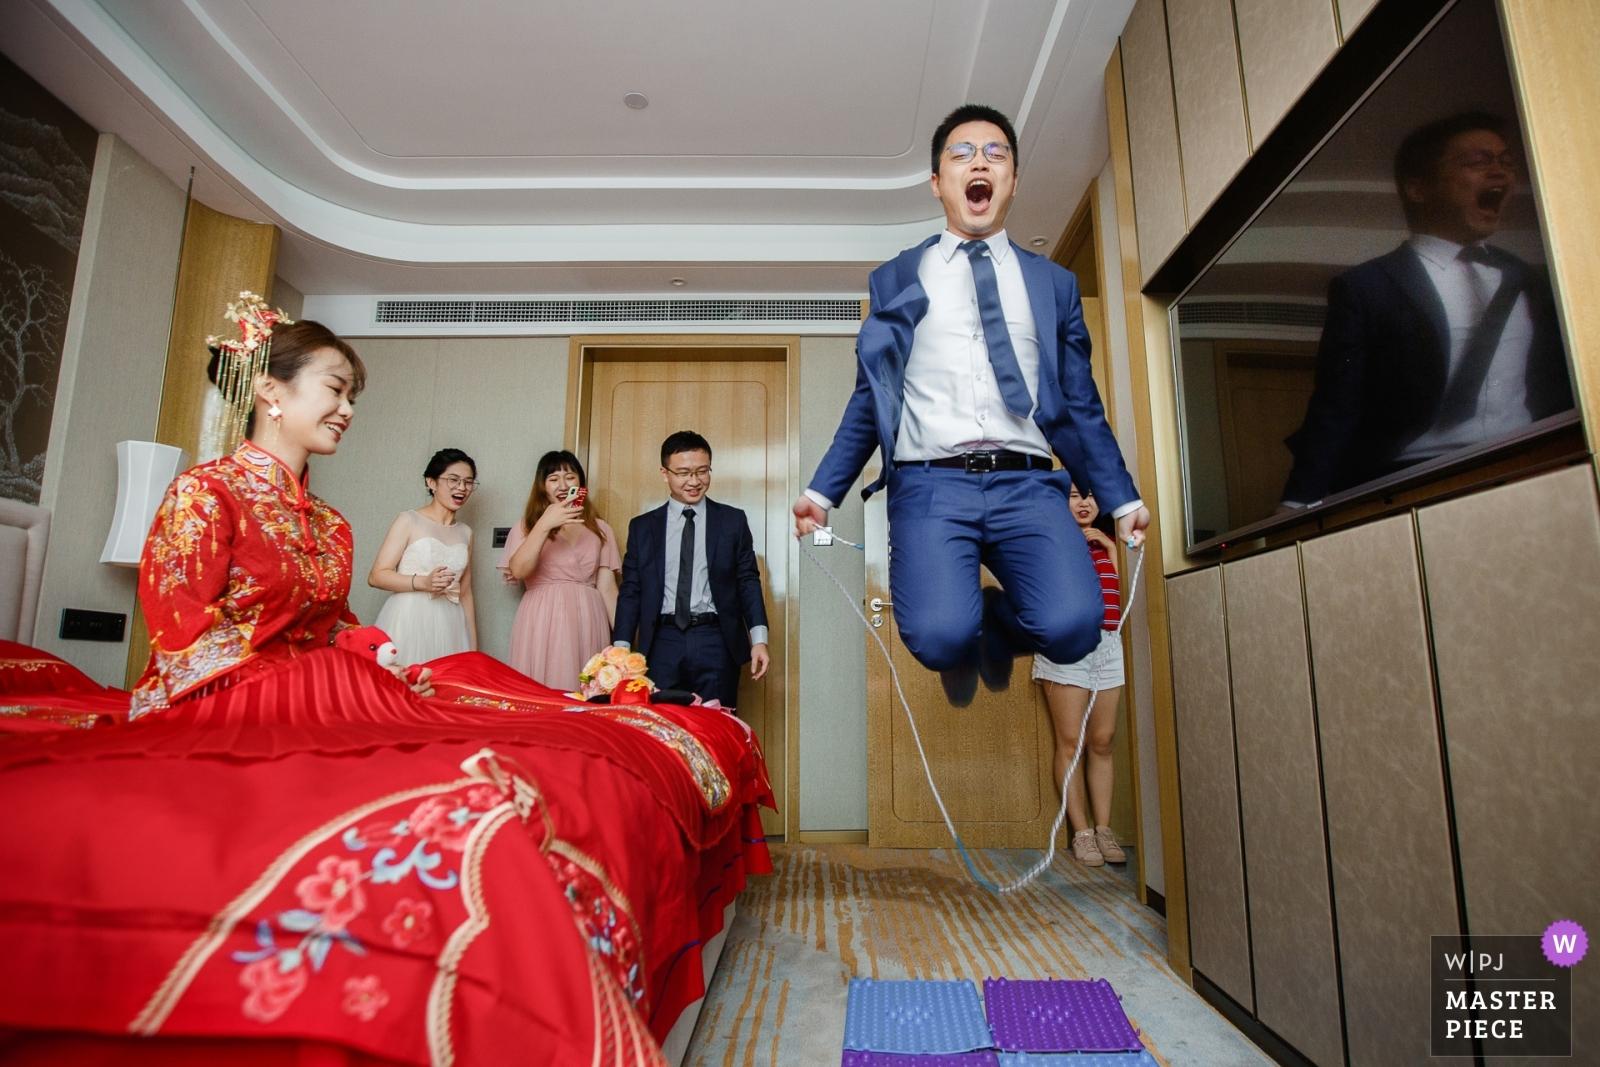 Play the game - Hangzhou City, Zhejiang Wedding Photography -  | Jingjiang City, Jiangsu Province